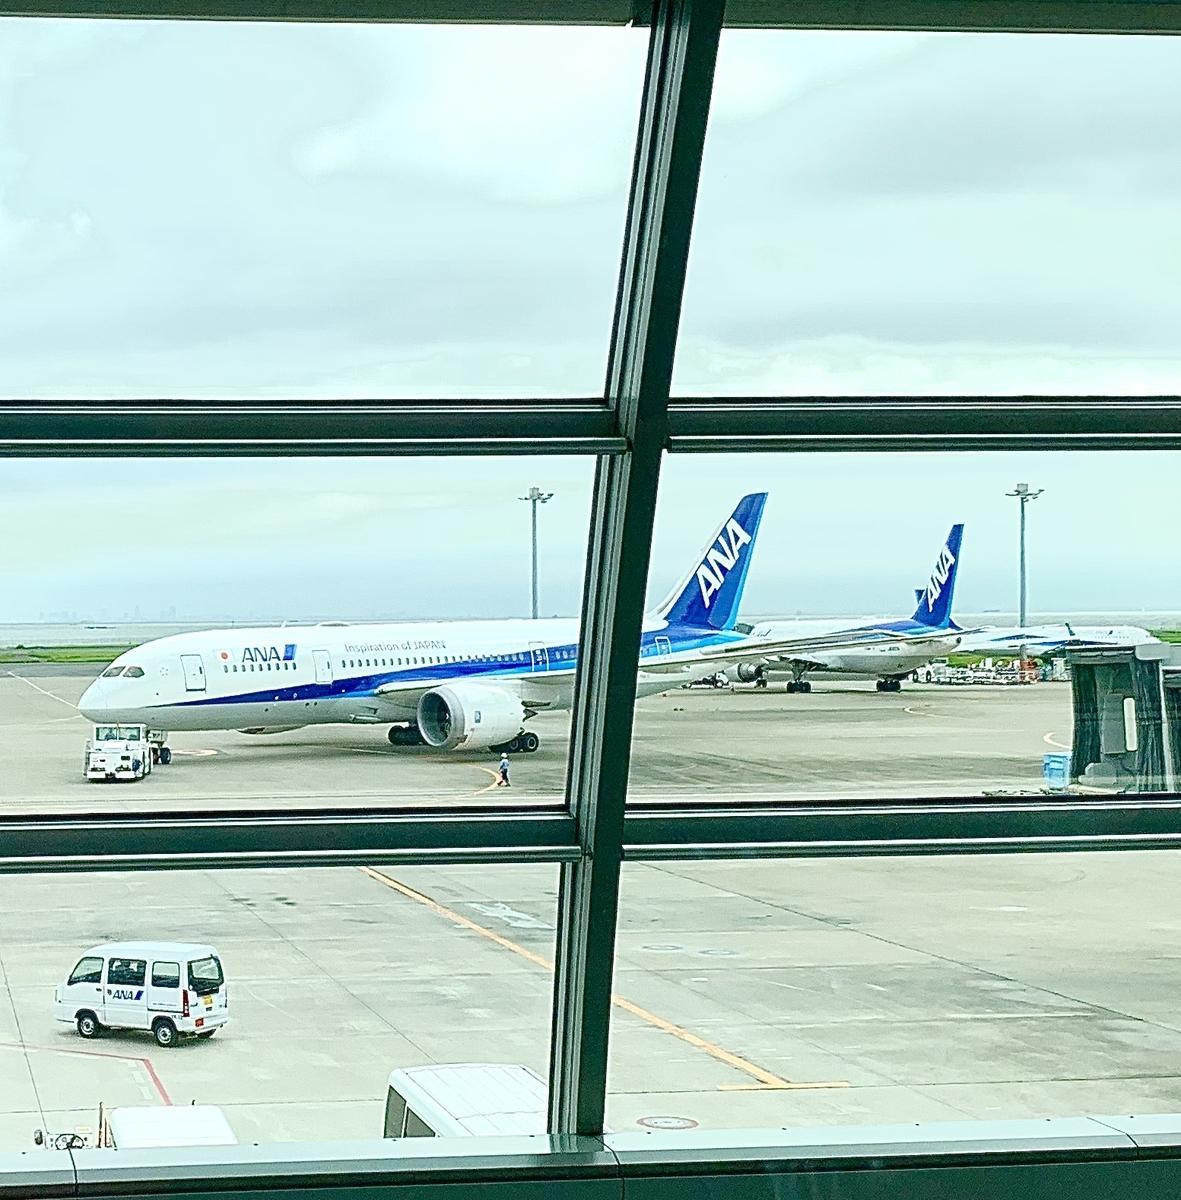 羽田から函館に向けて ANA 全日空機にて